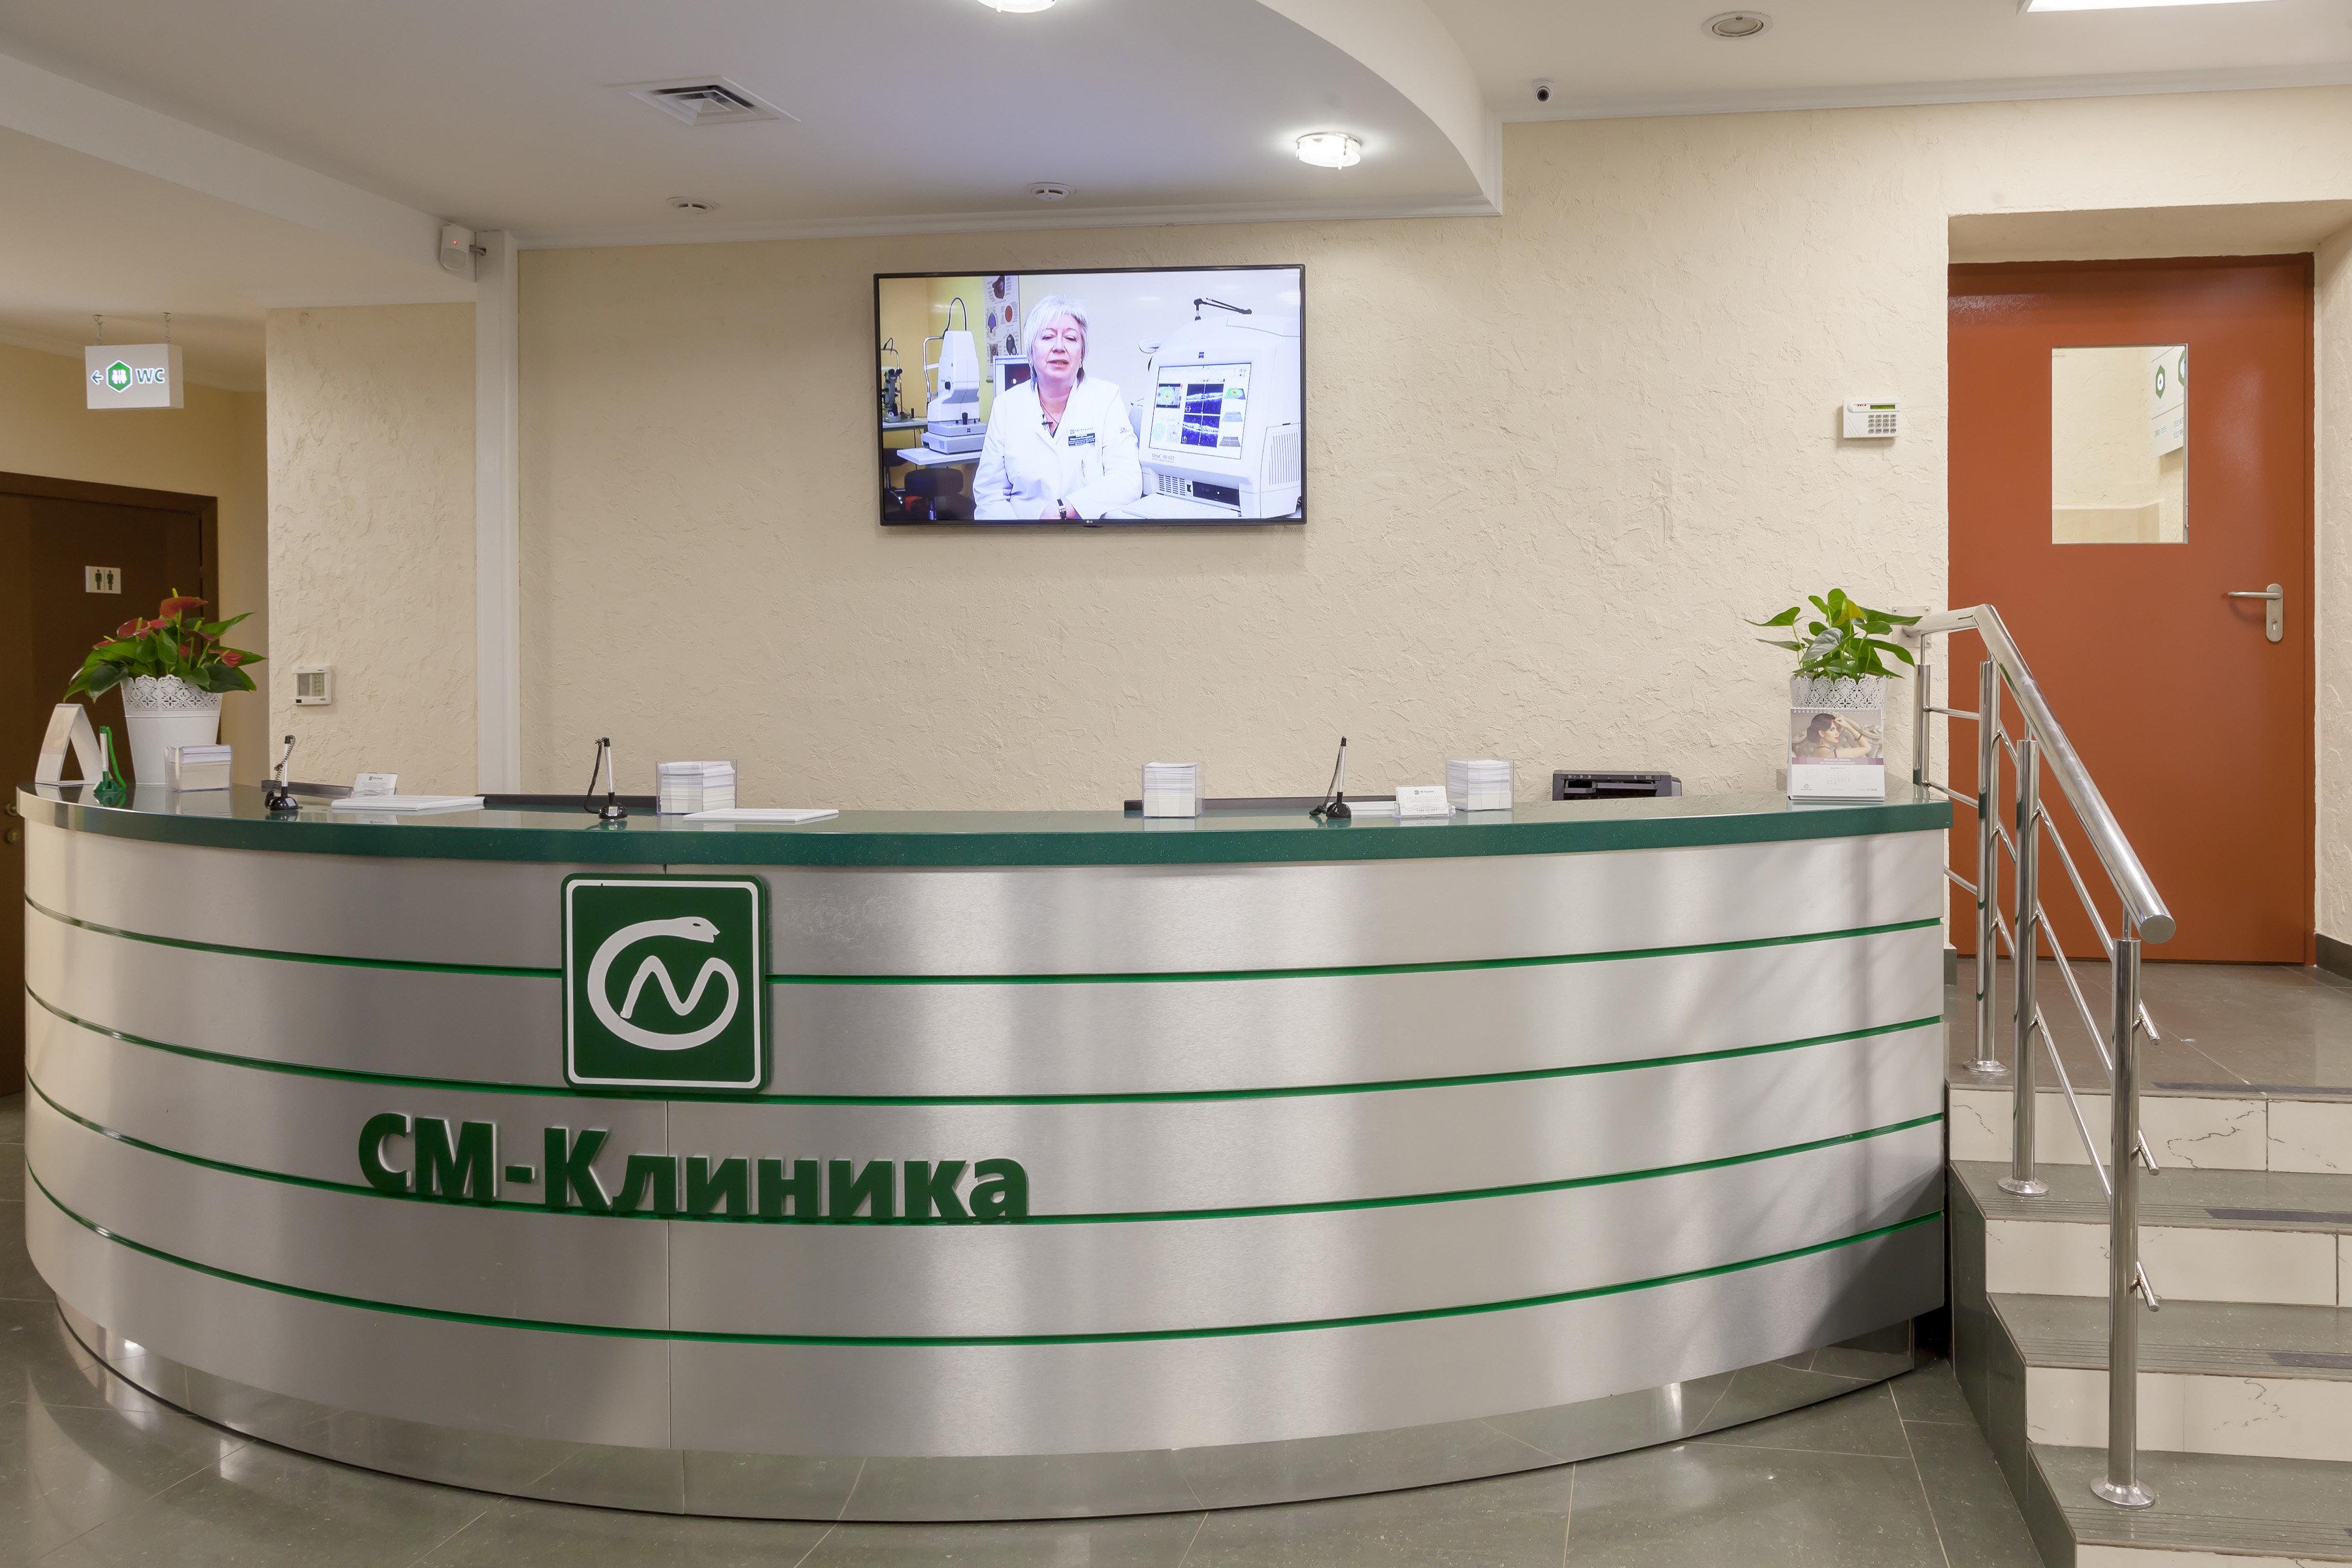 Симферопольский бульвар 10 к 1 мужской клуб работа для бармена в ночных клубах москвы